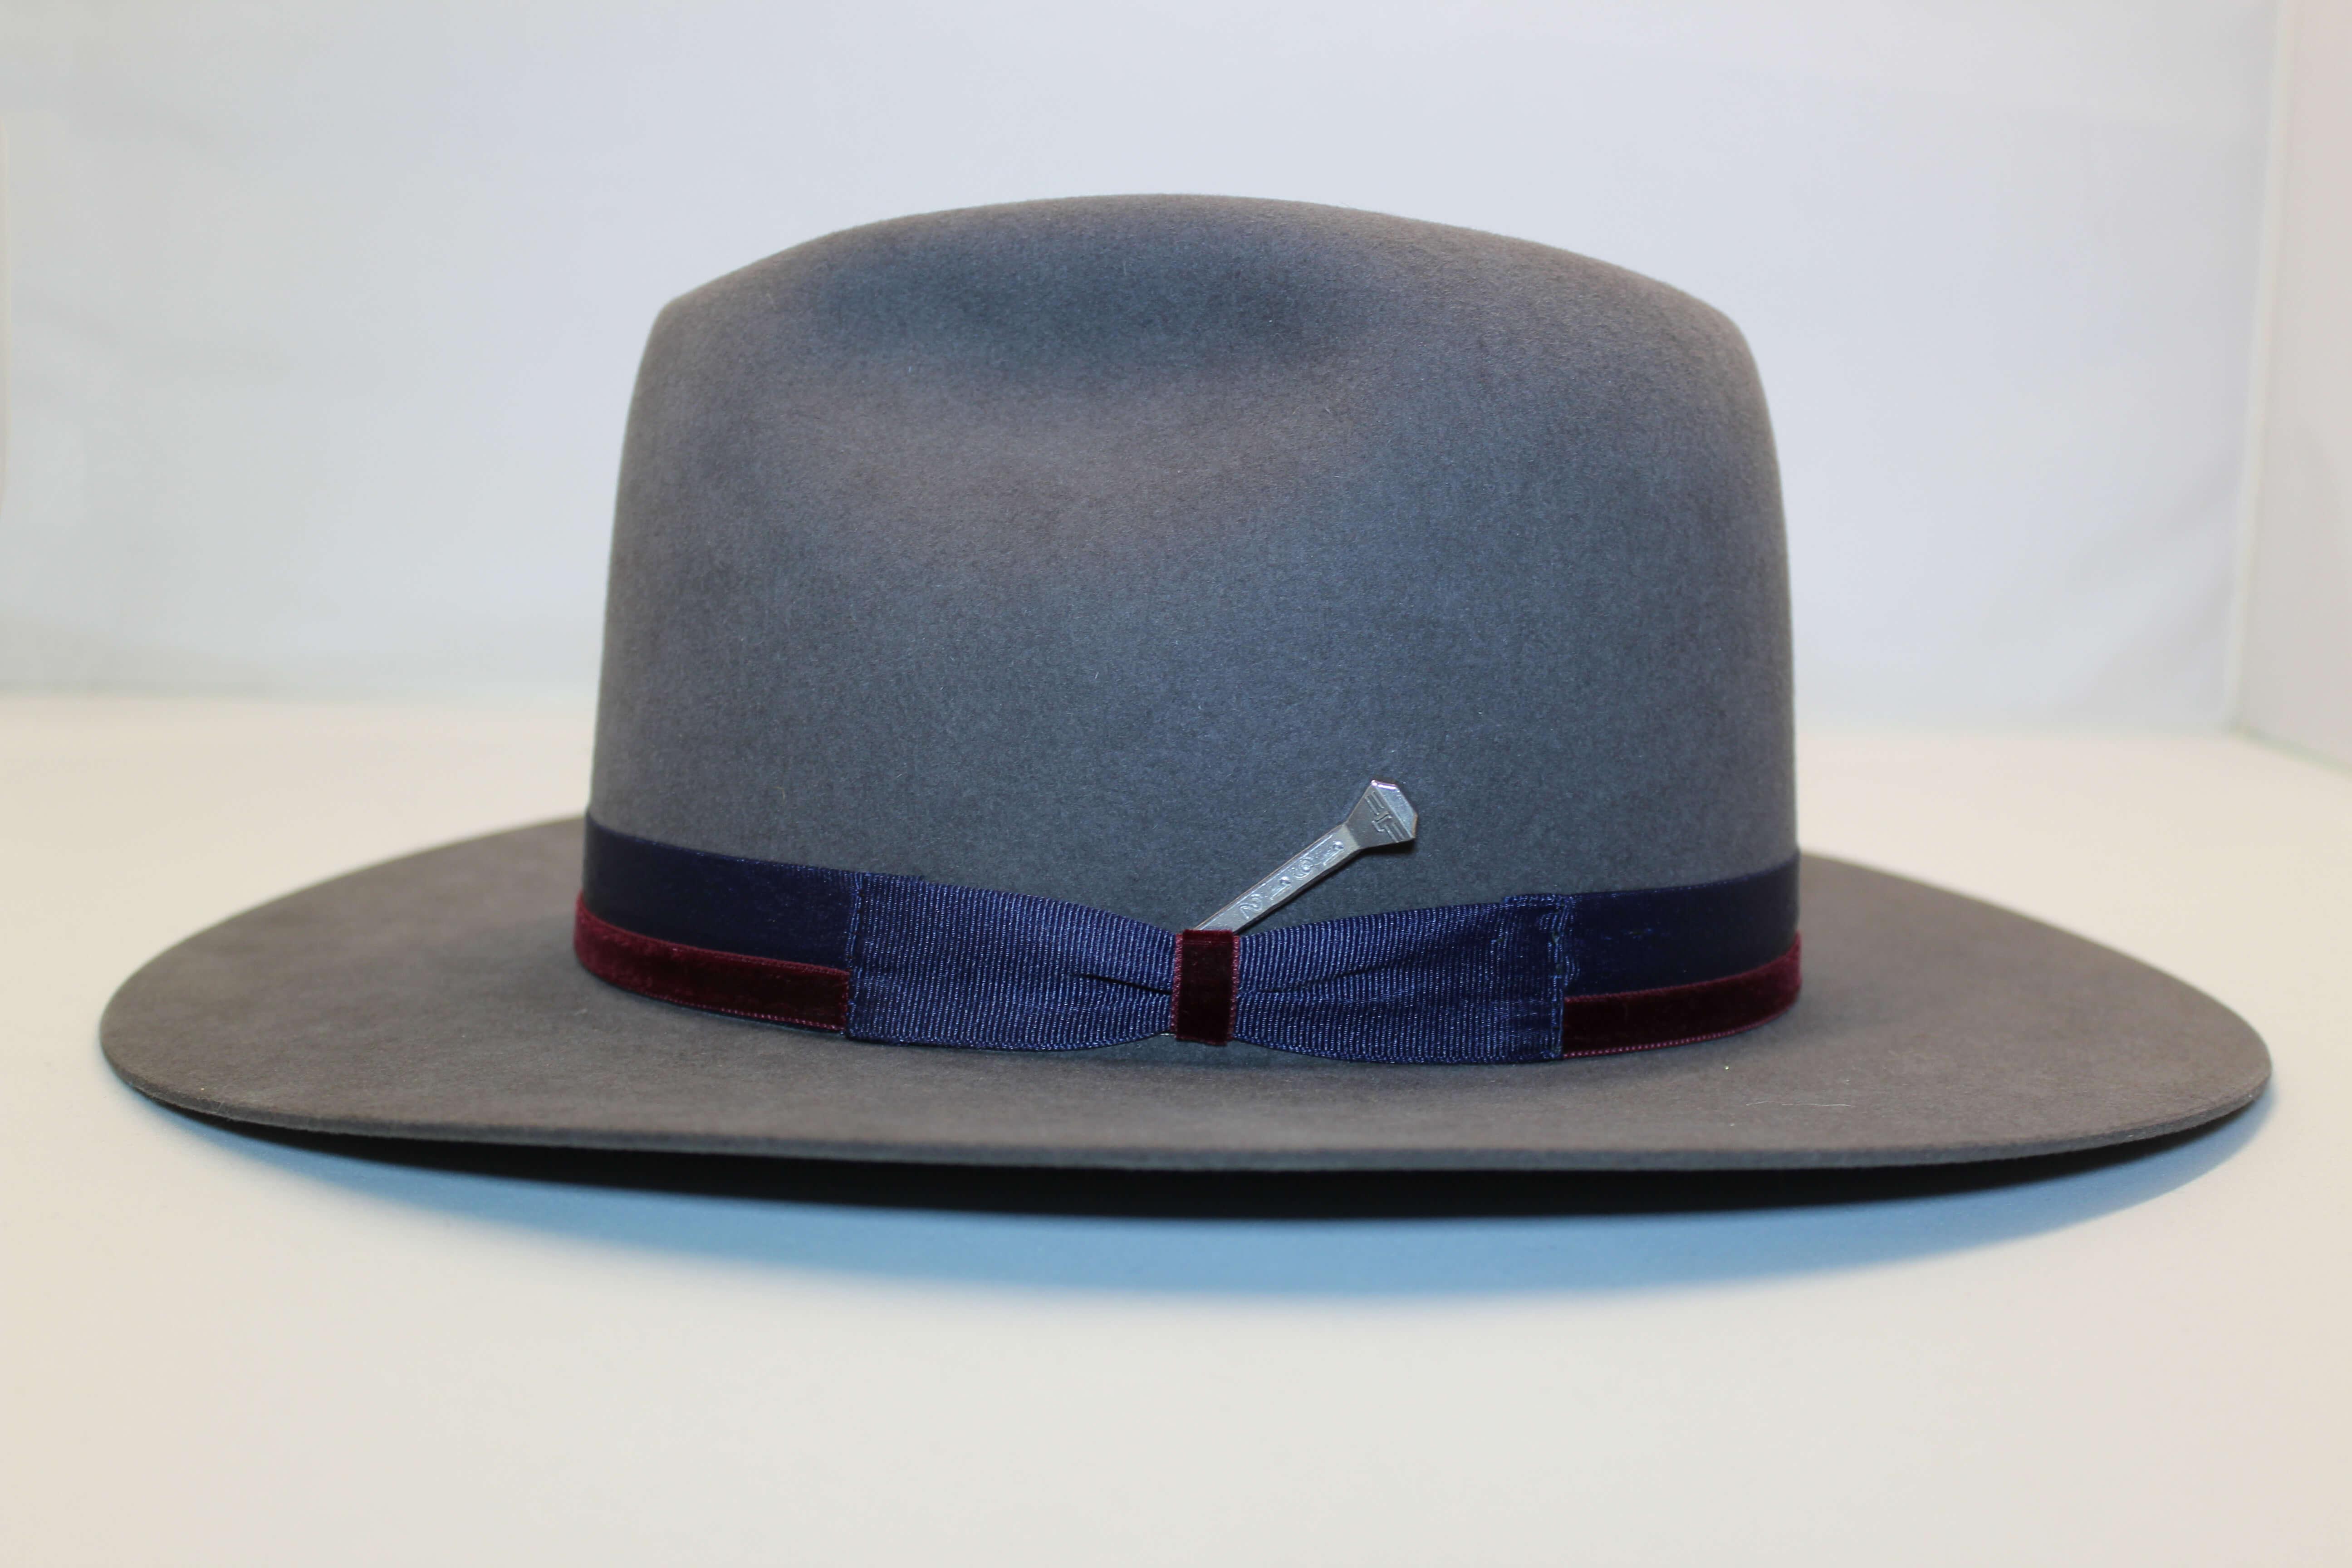 ac23cf97759 Britt - Paige 1912 Collection by Smithbilt Hats